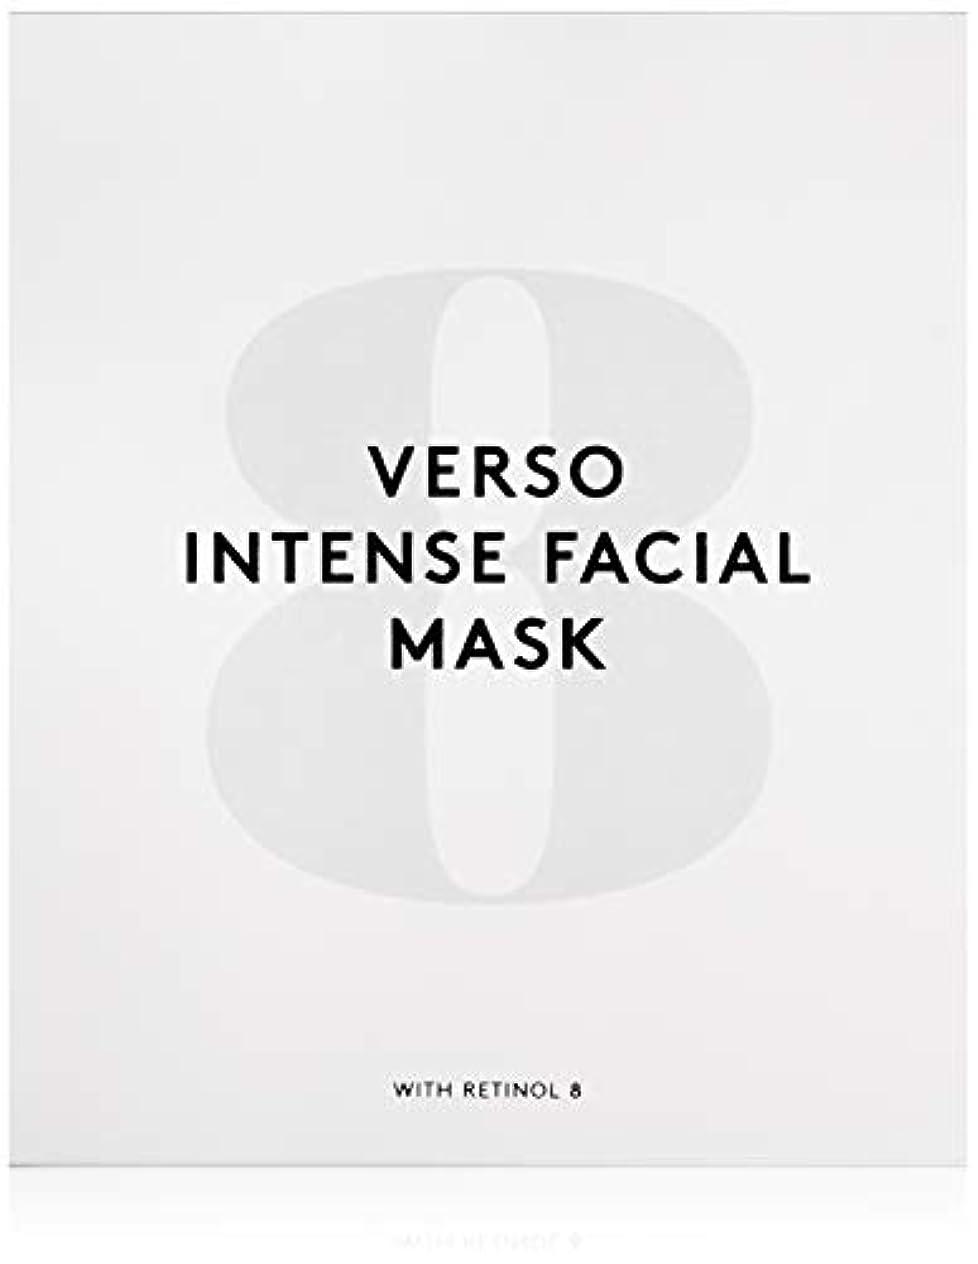 報復するドット強打ヴェルソスキンケア インテンスフェイシャルマスク 4x25g/0.88oz